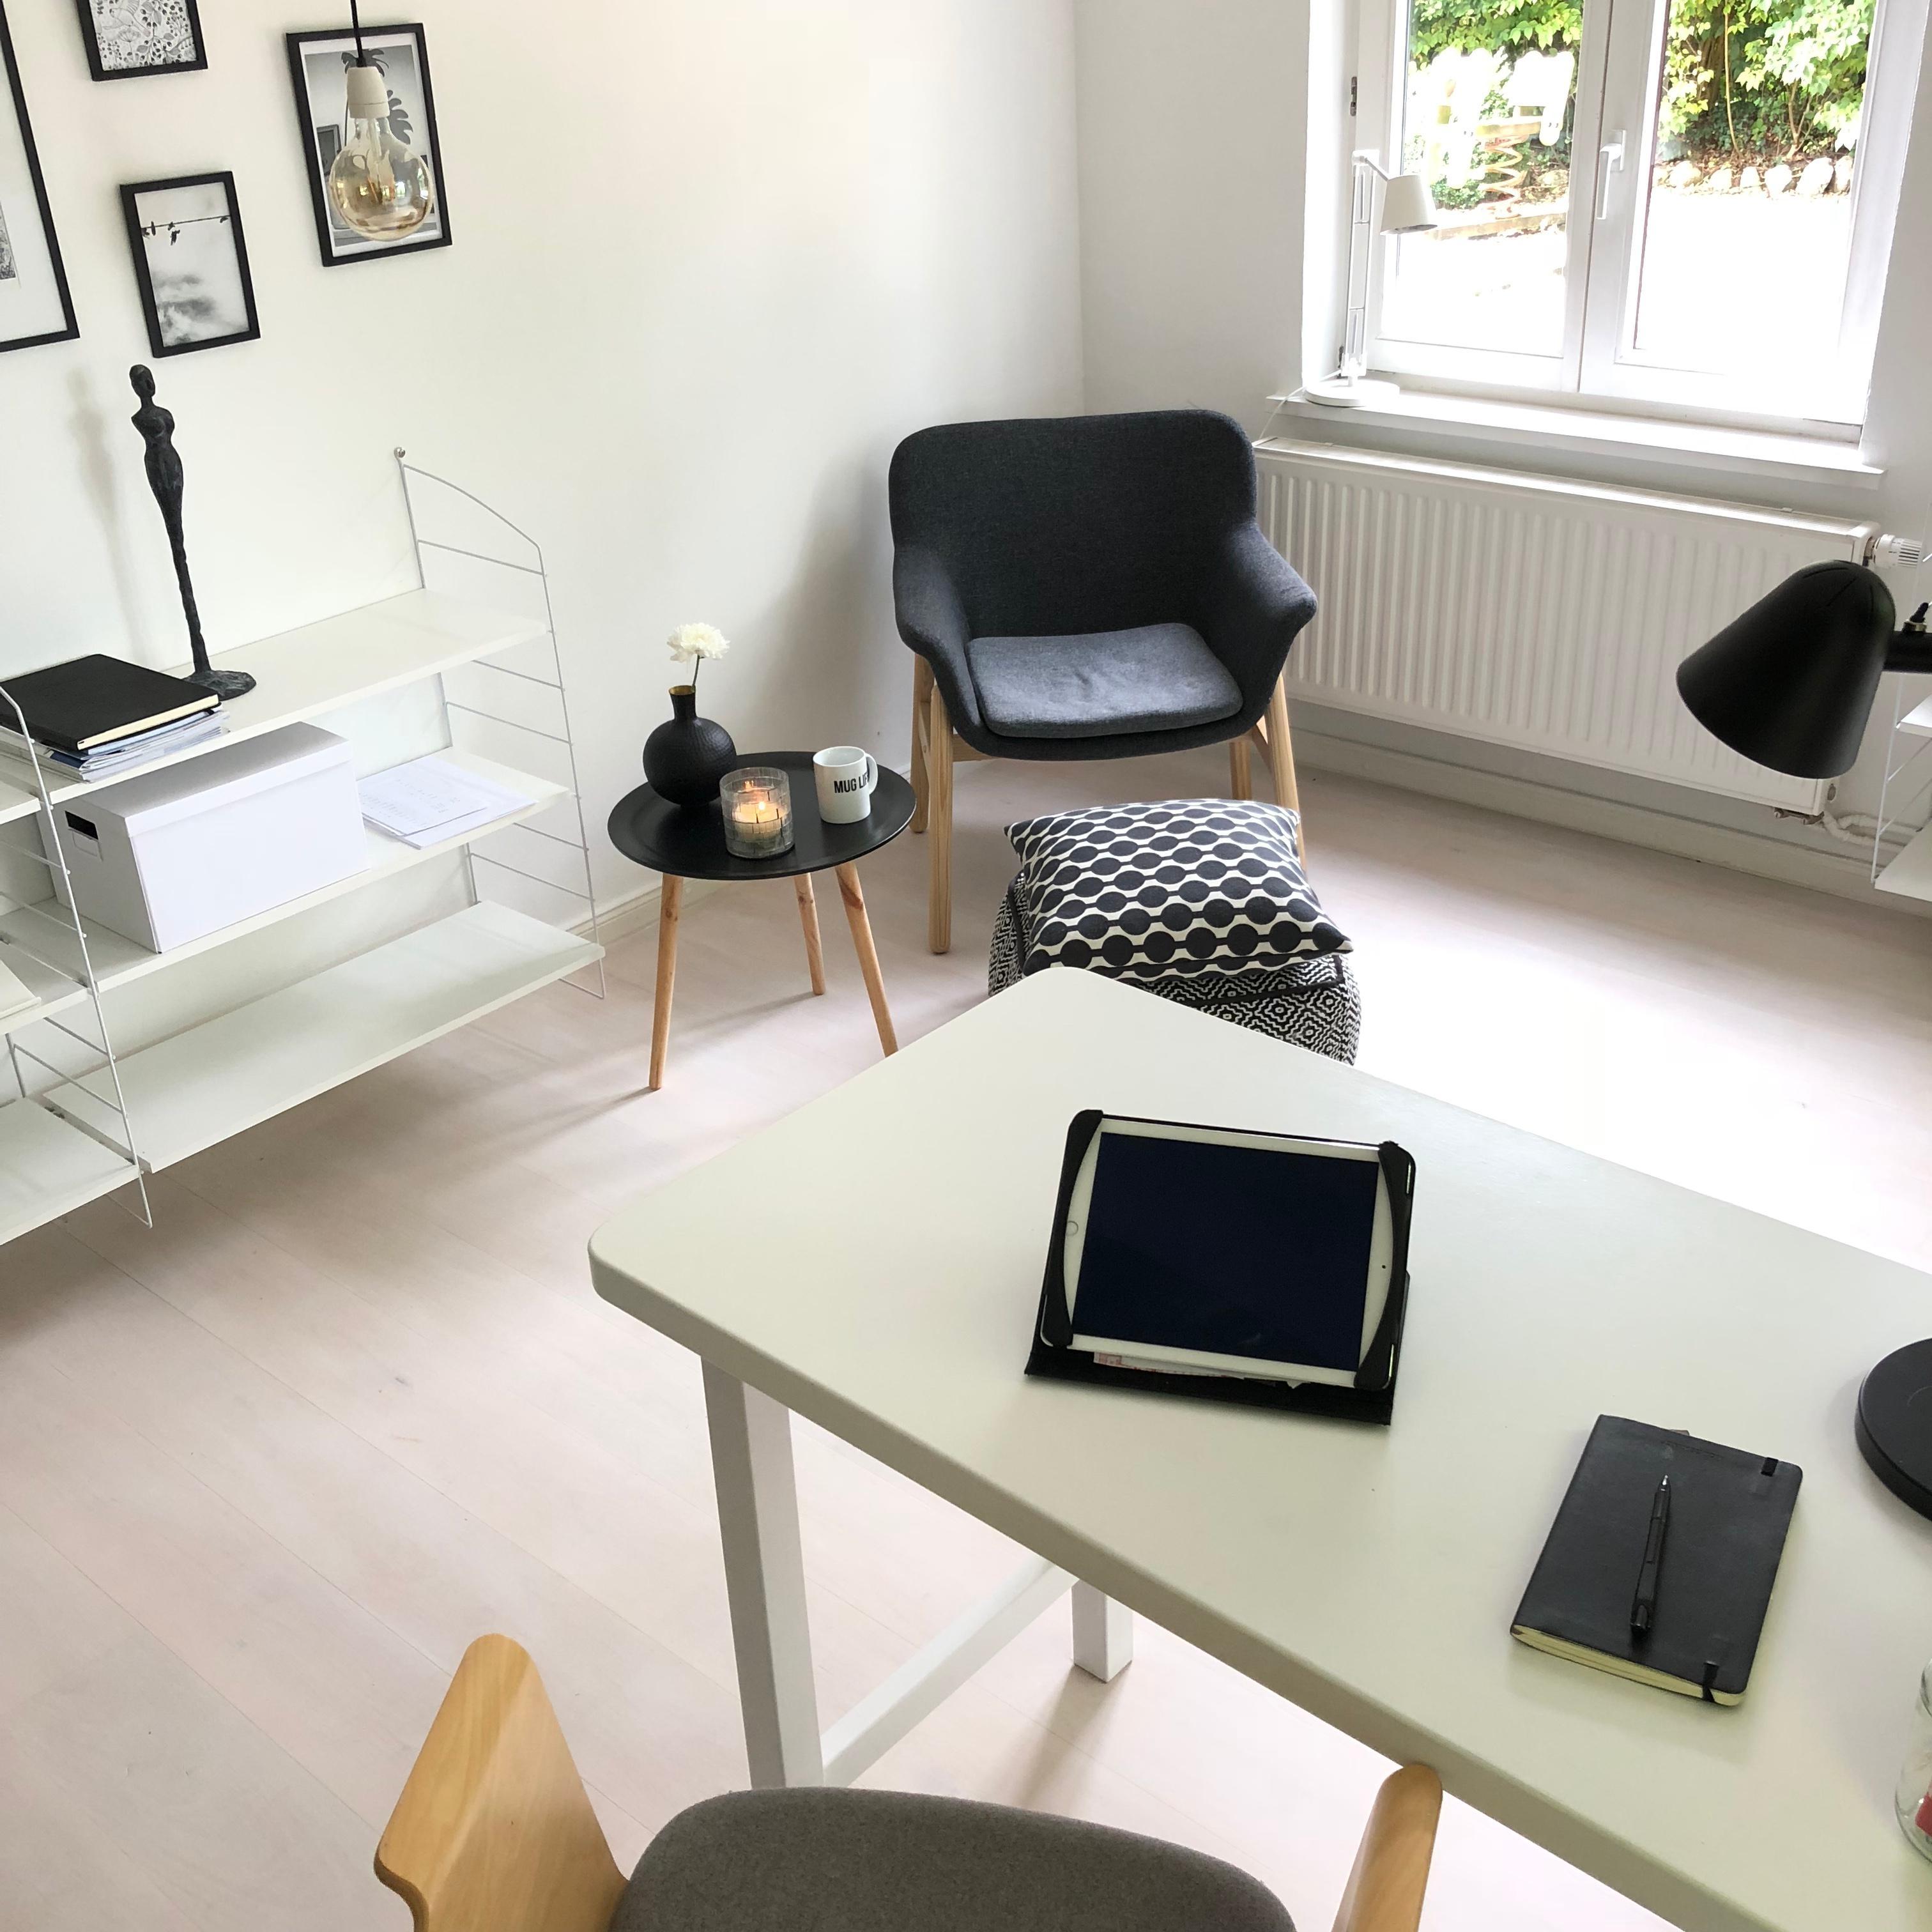 #livingchallenge #homeoffice #blackandwhite #monochrome #minimalistisch  #scandinavianstyle